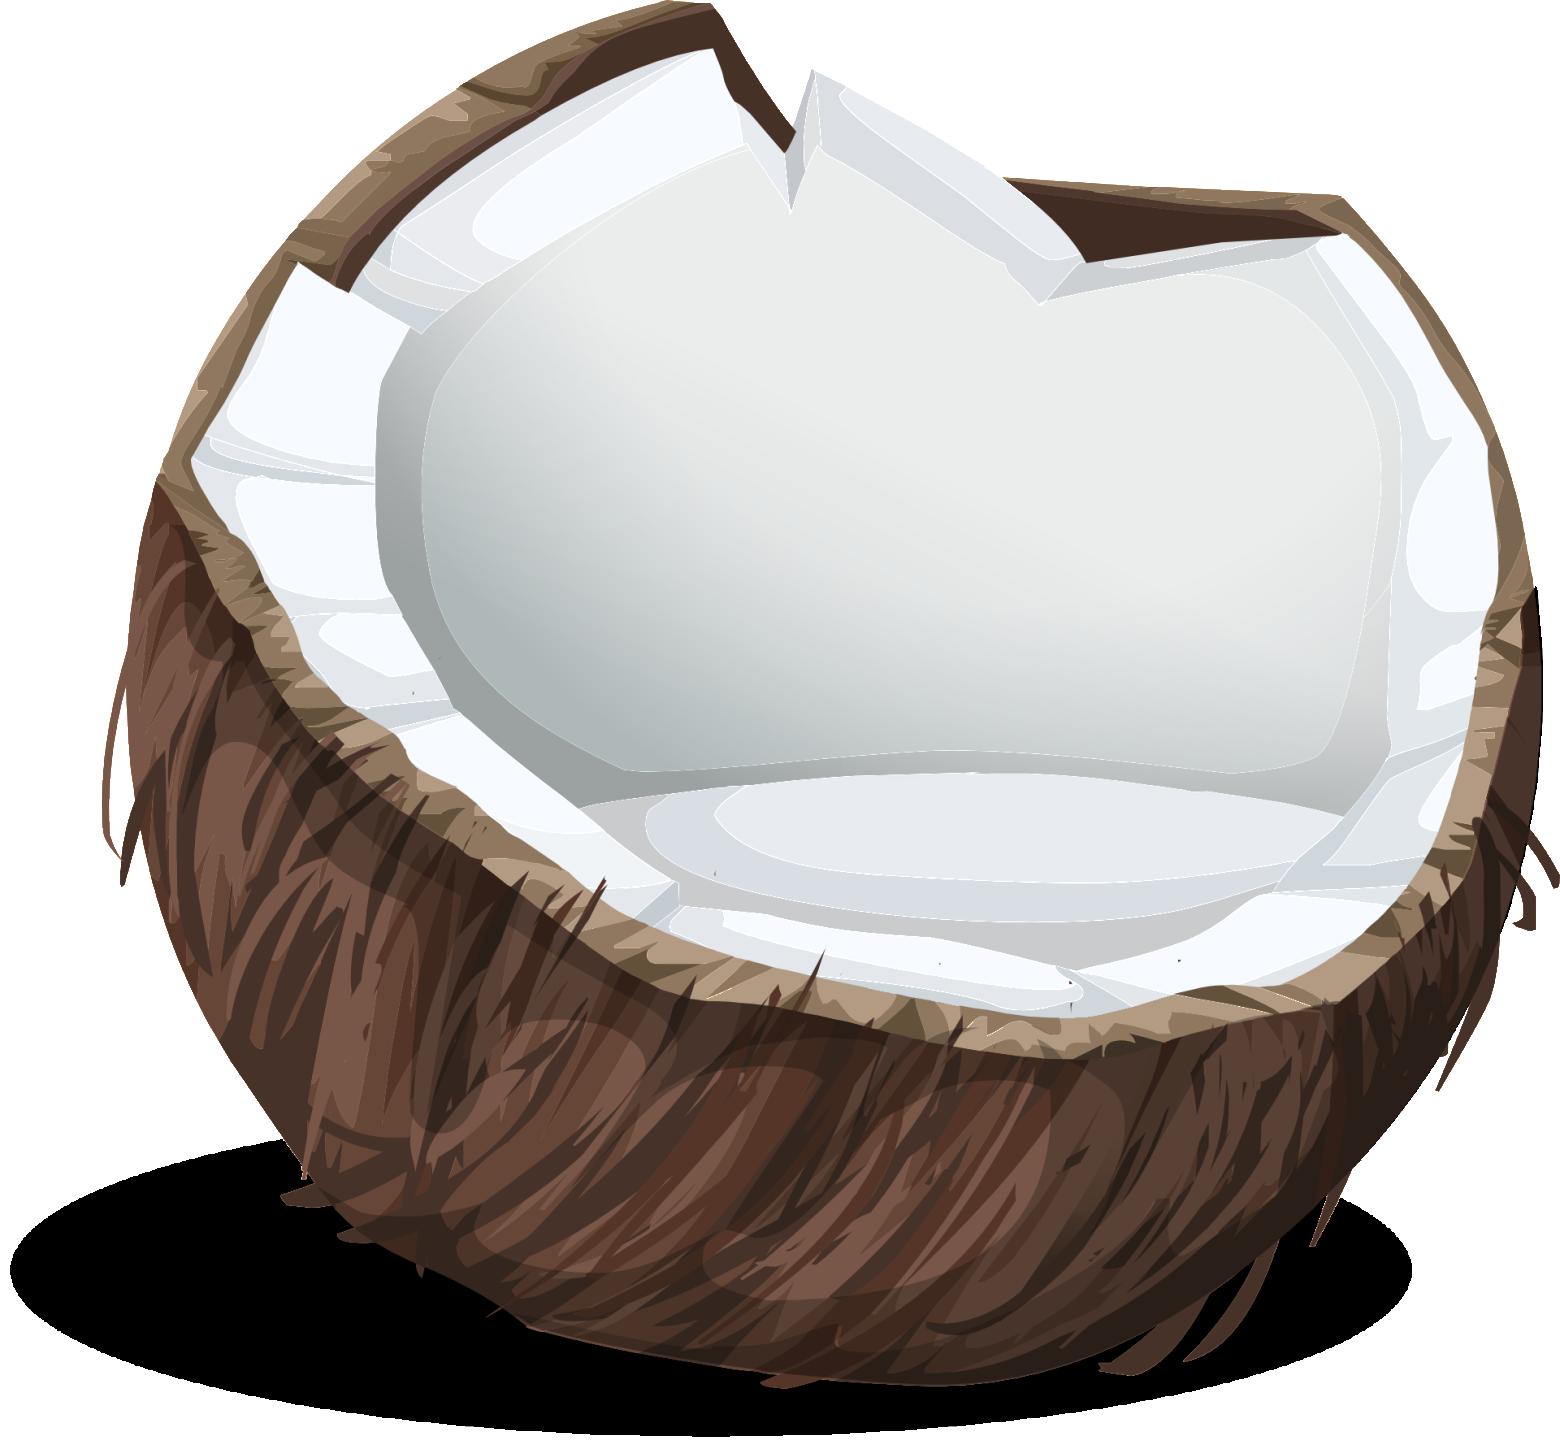 Noix de coco dessin illustration isol sur fond blanc - Dessin noix de coco ...